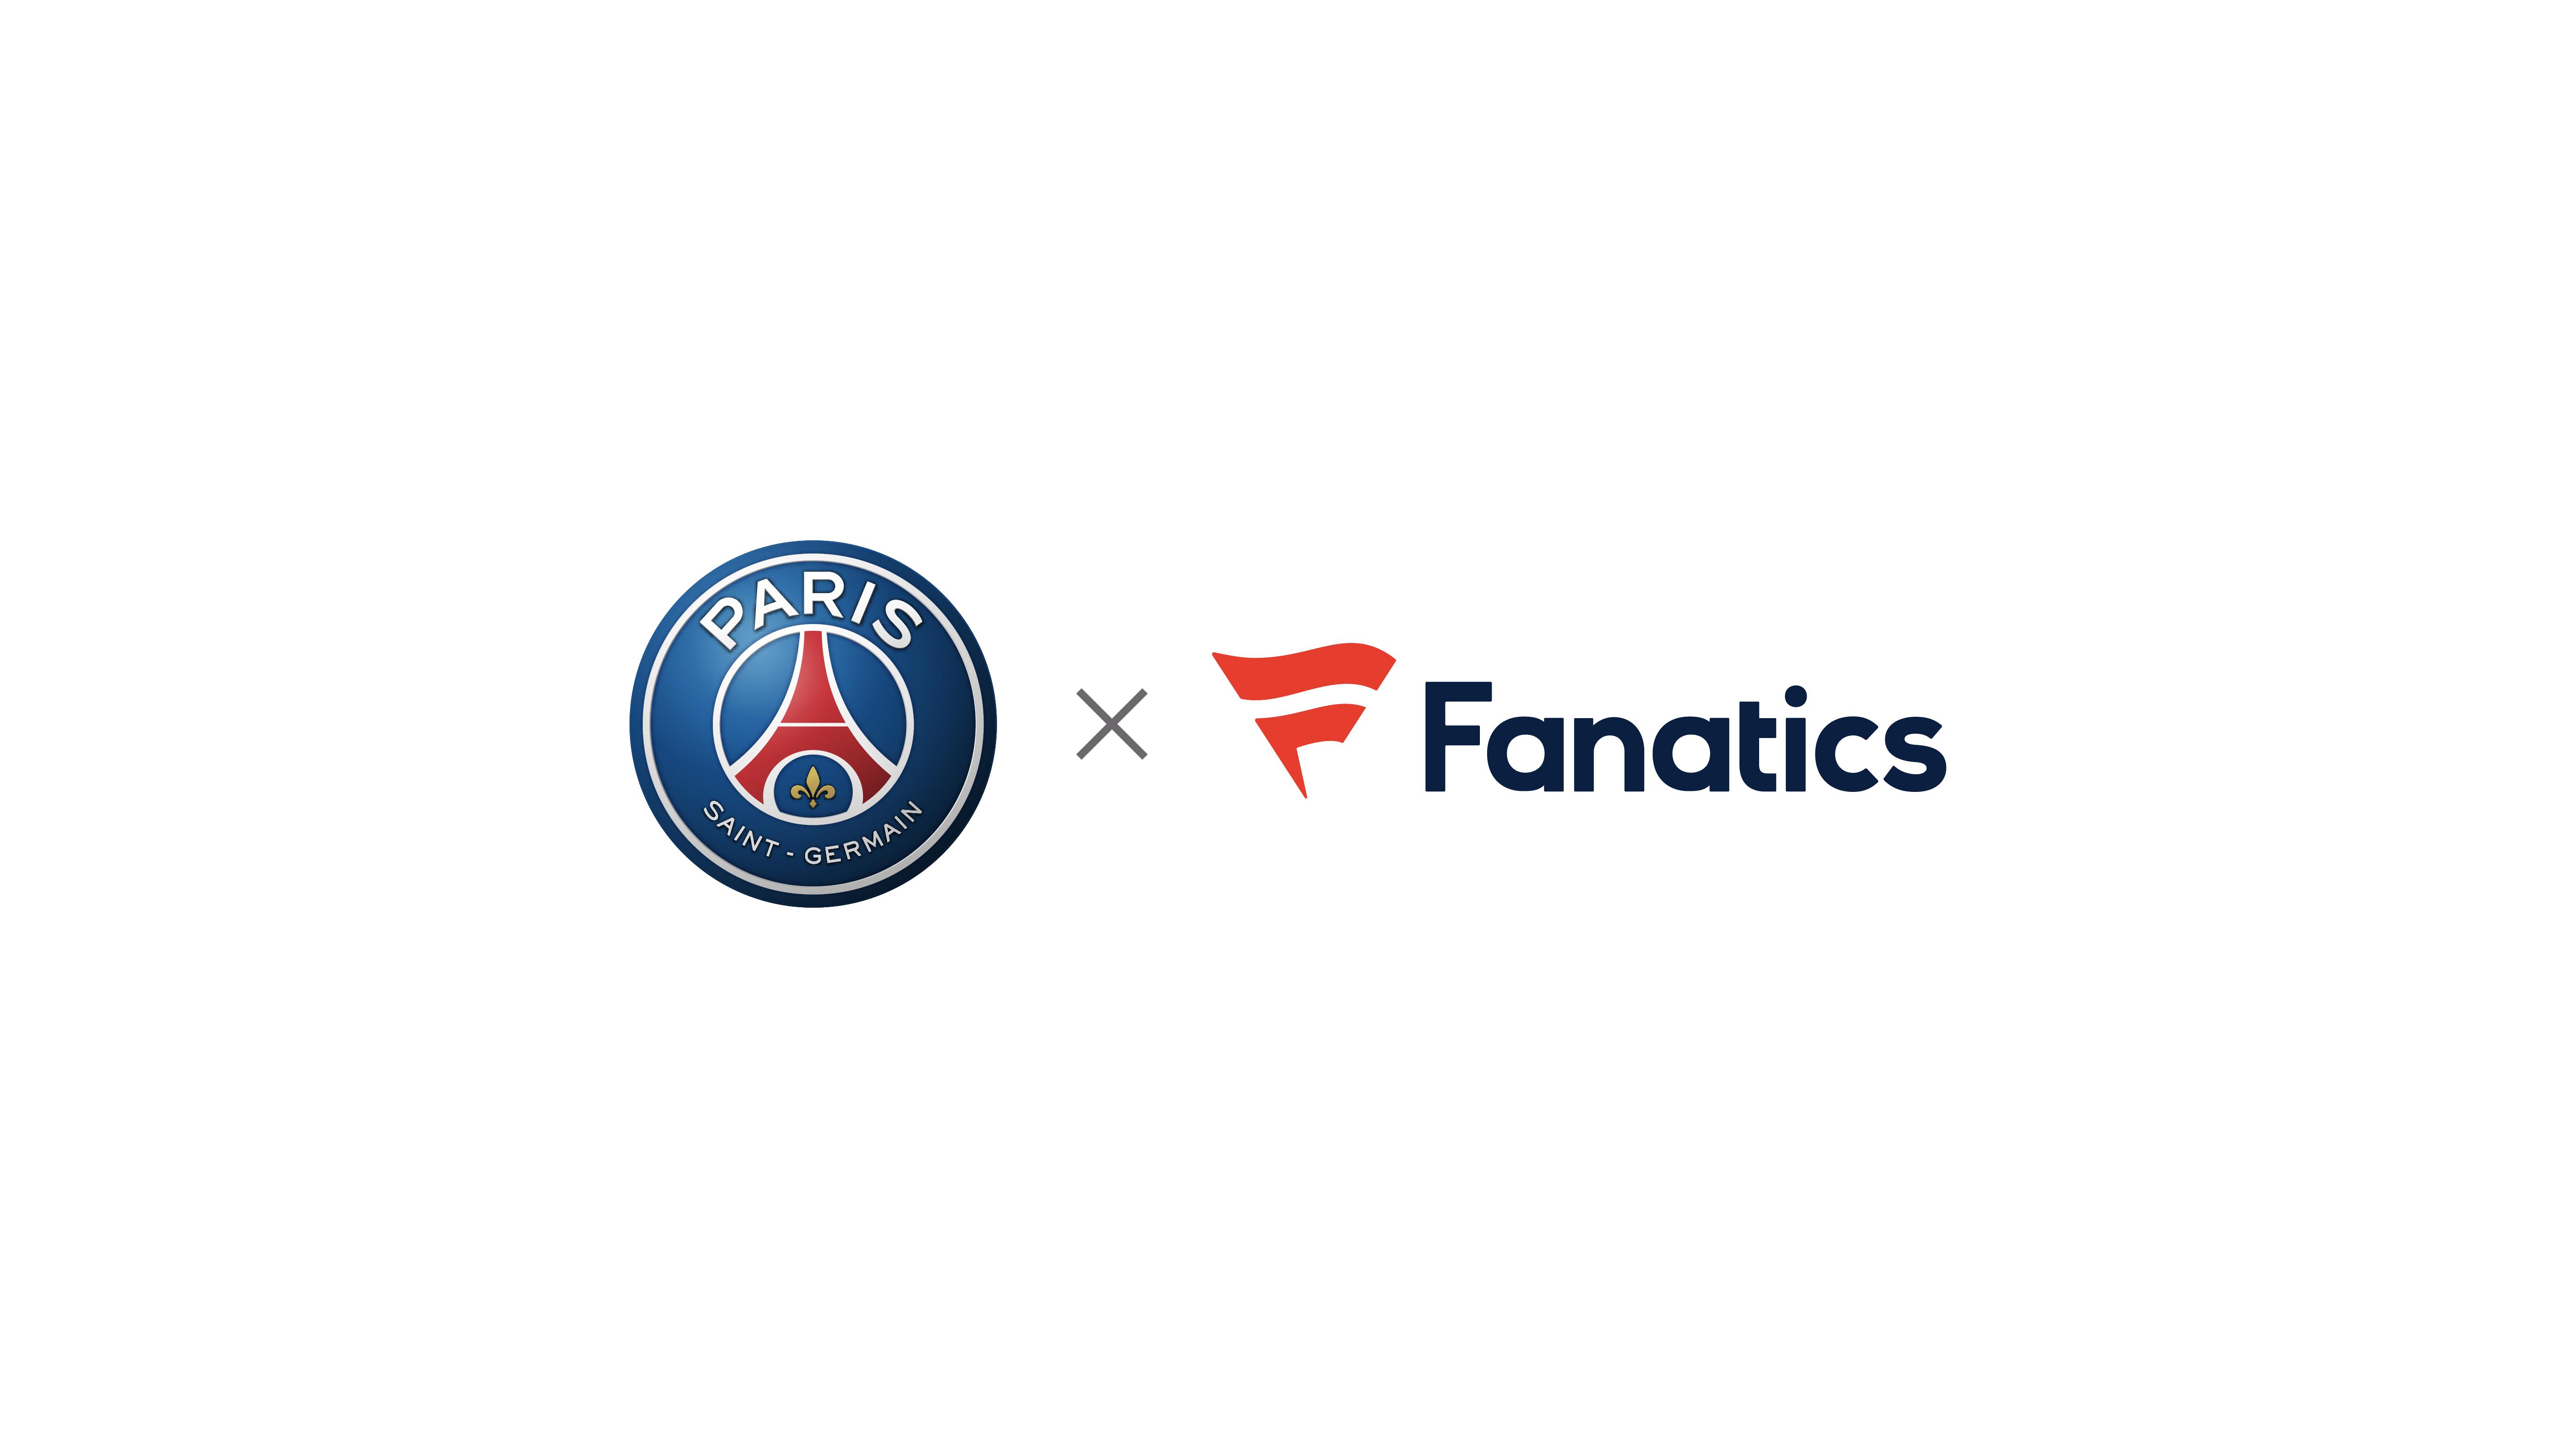 Fanatics and Paris Saint-Germain